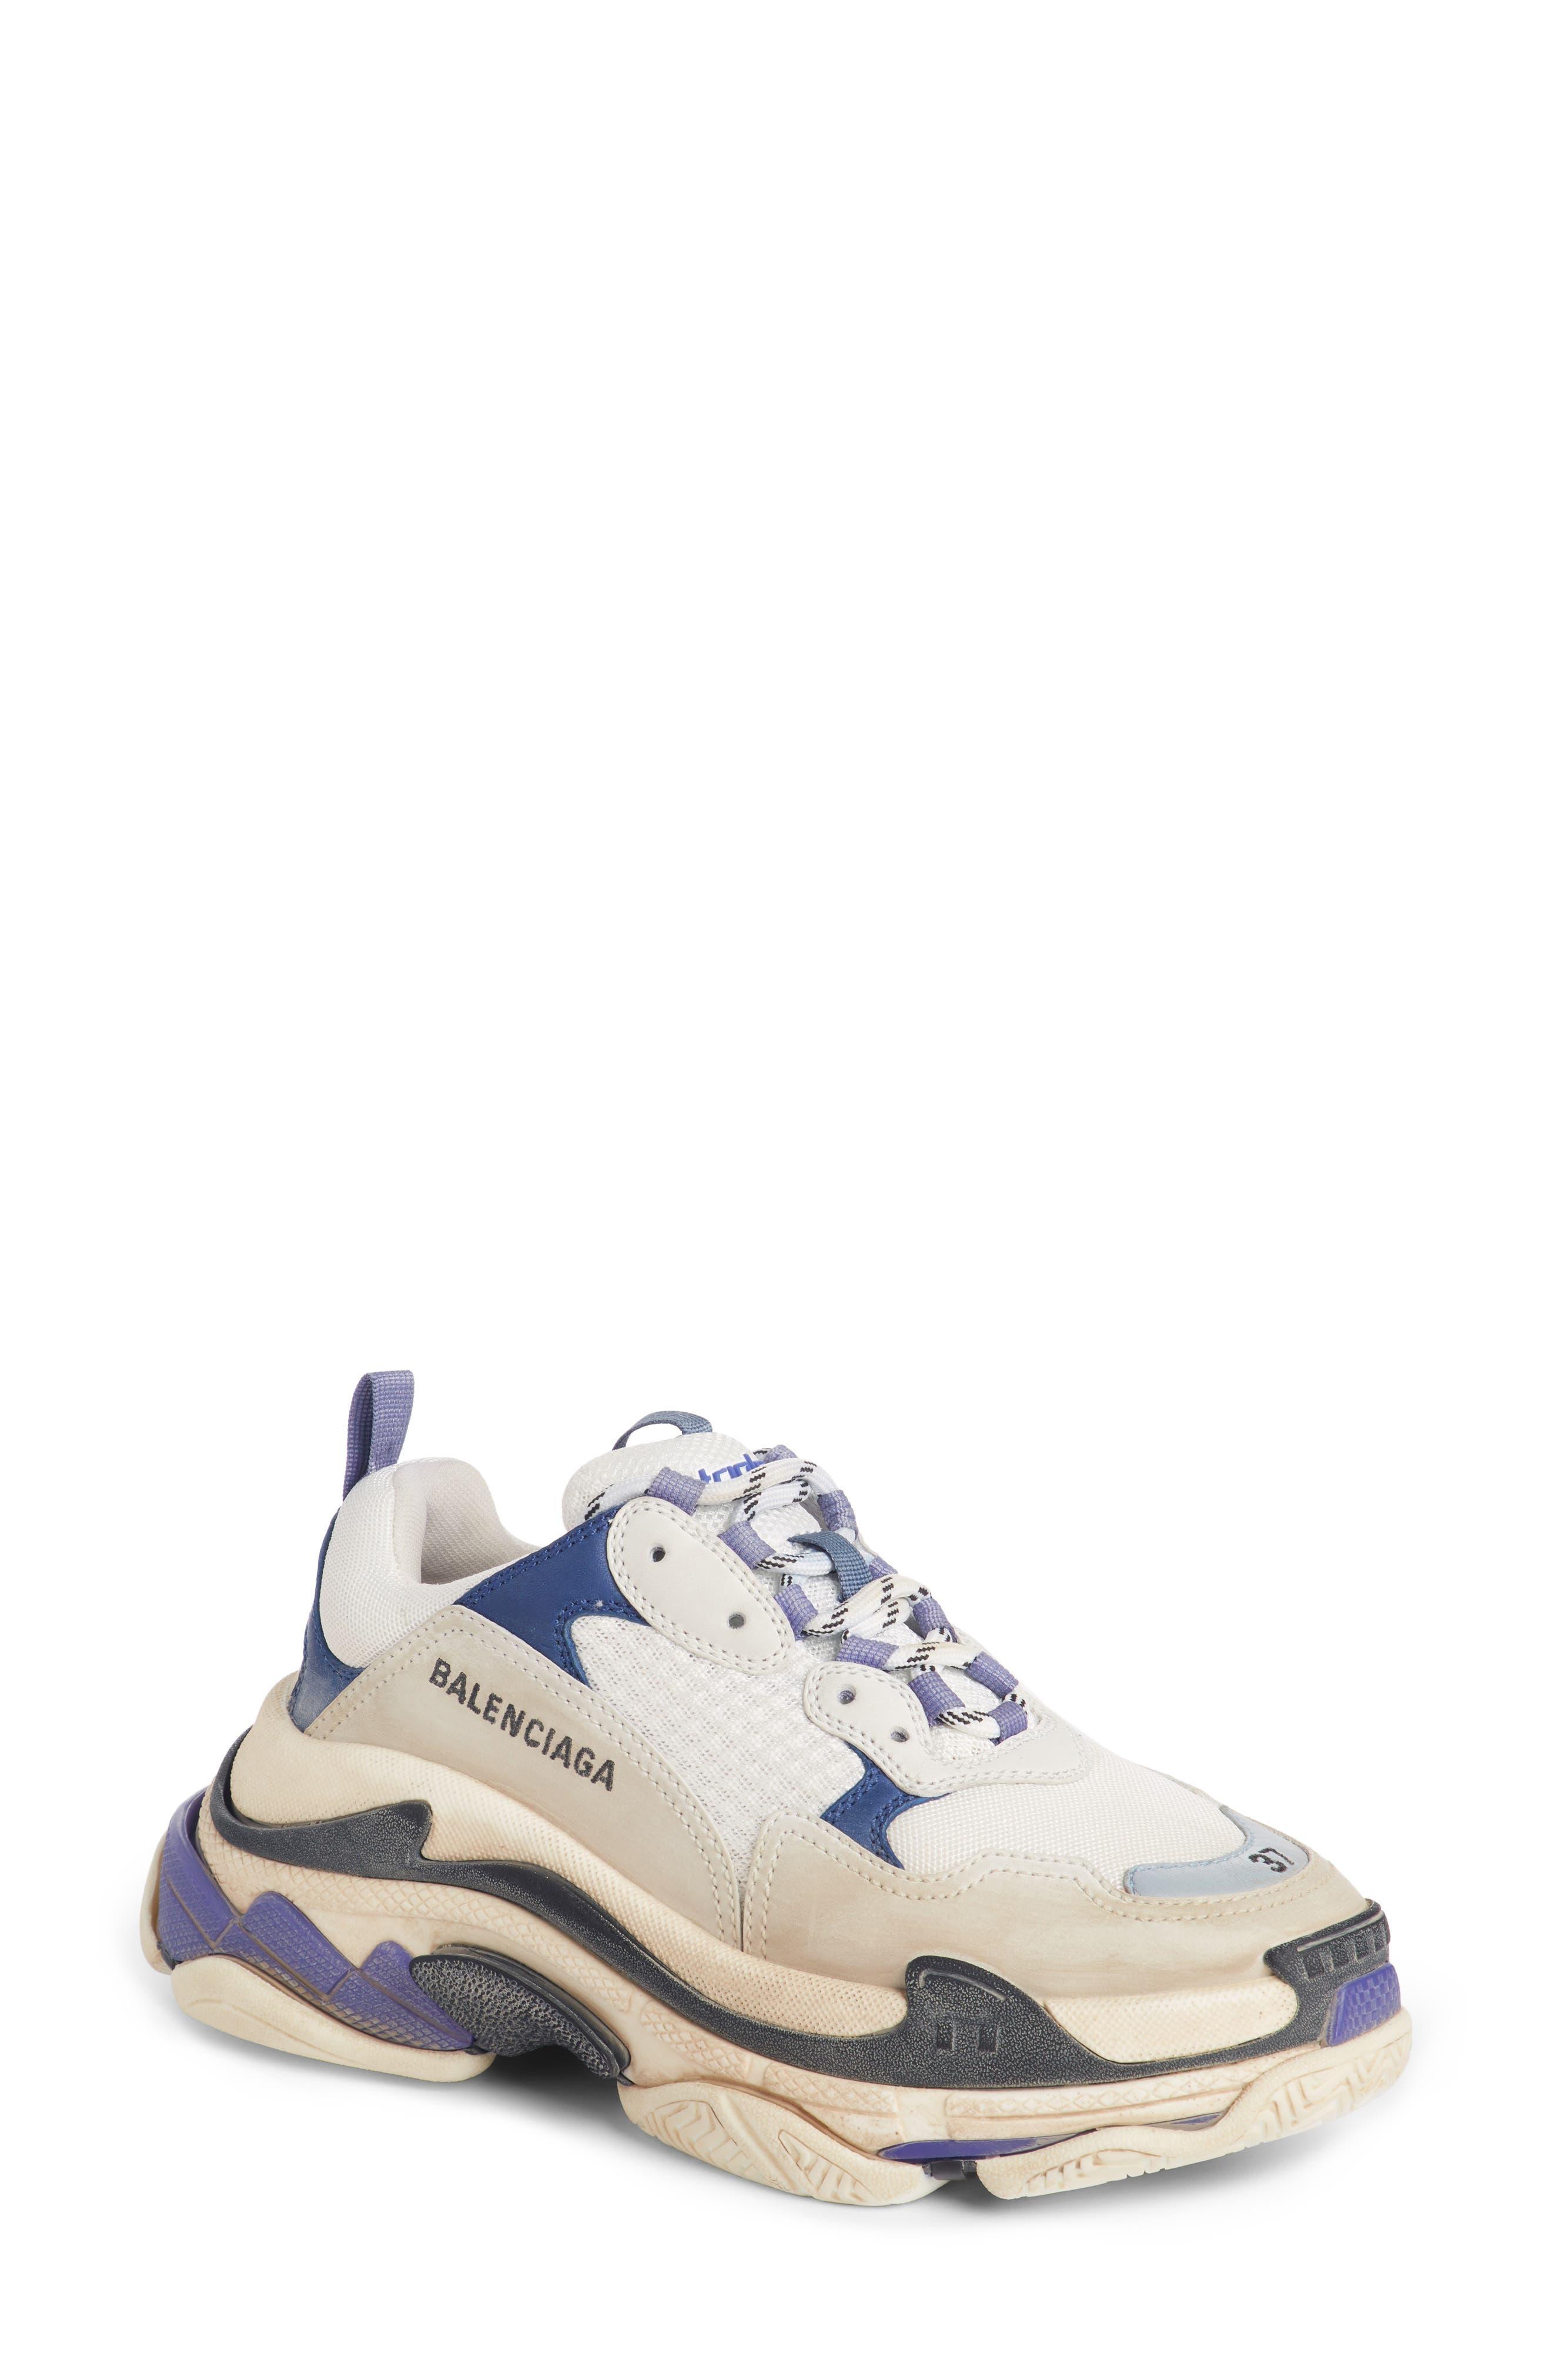 Triple S Sneaker,                         Main,                         color, VIOLET/ WHITE/ BLUE